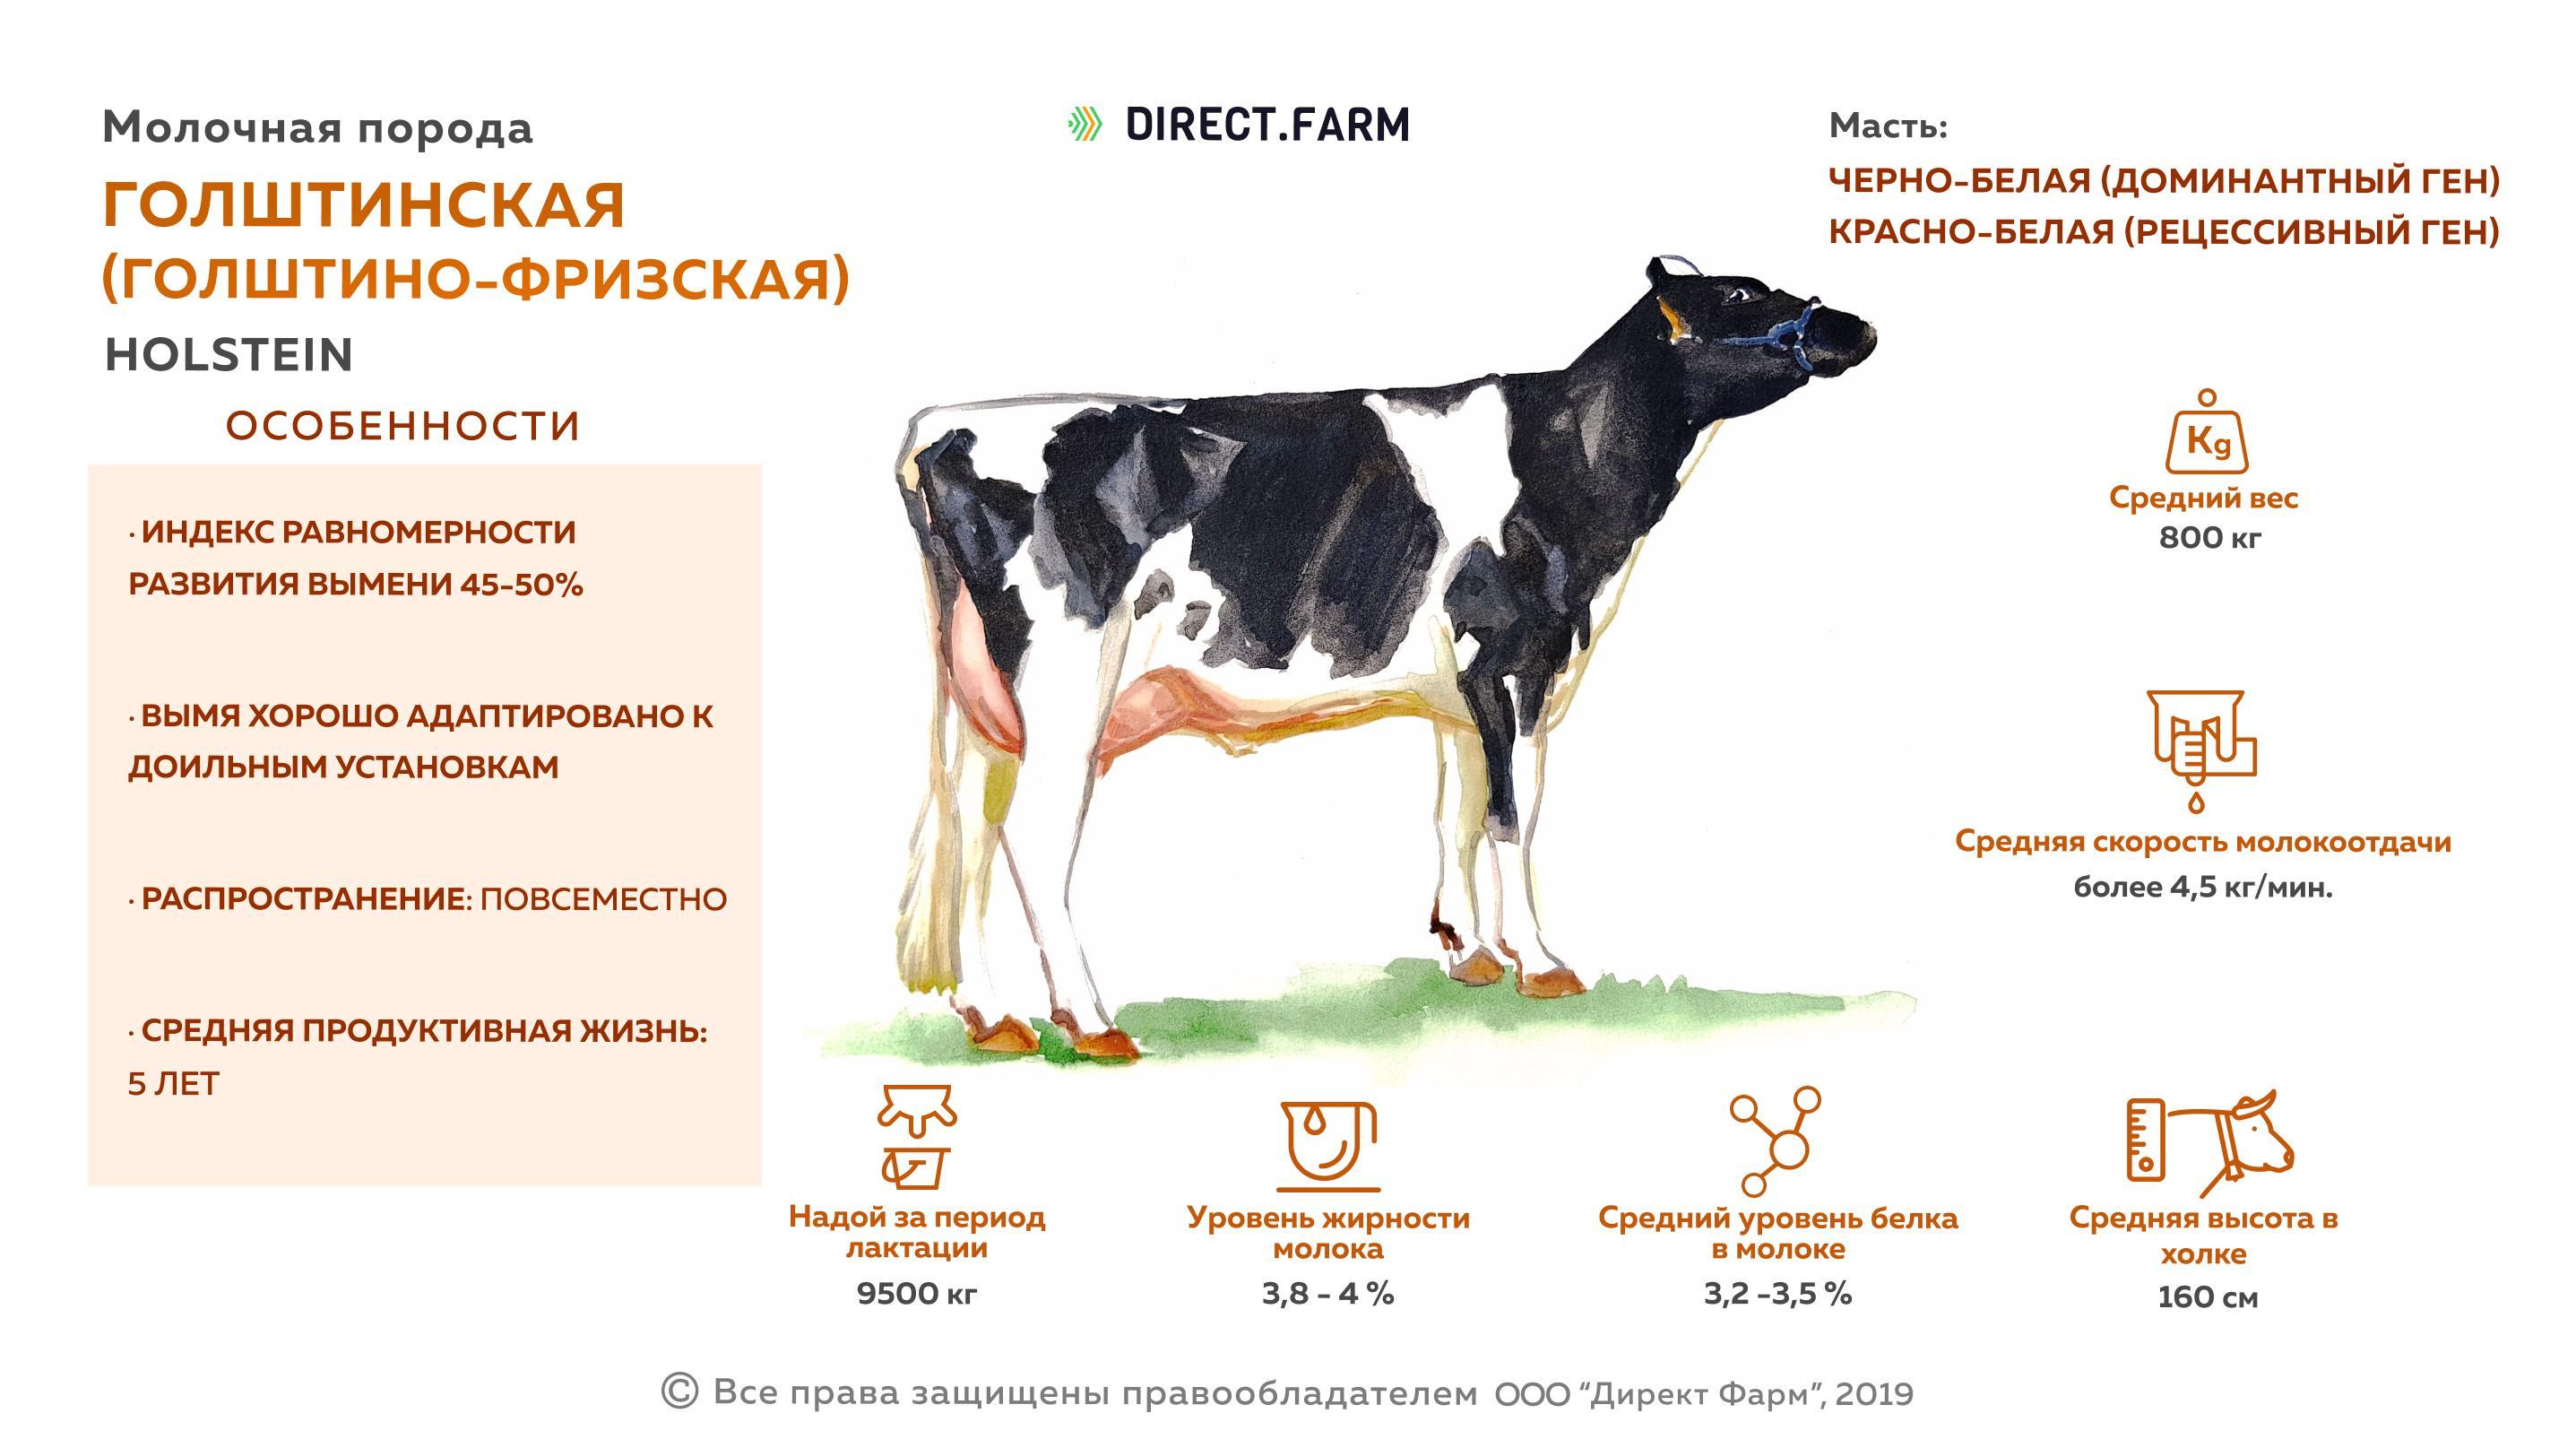 Голштинская порода (голштино-фризская) коров